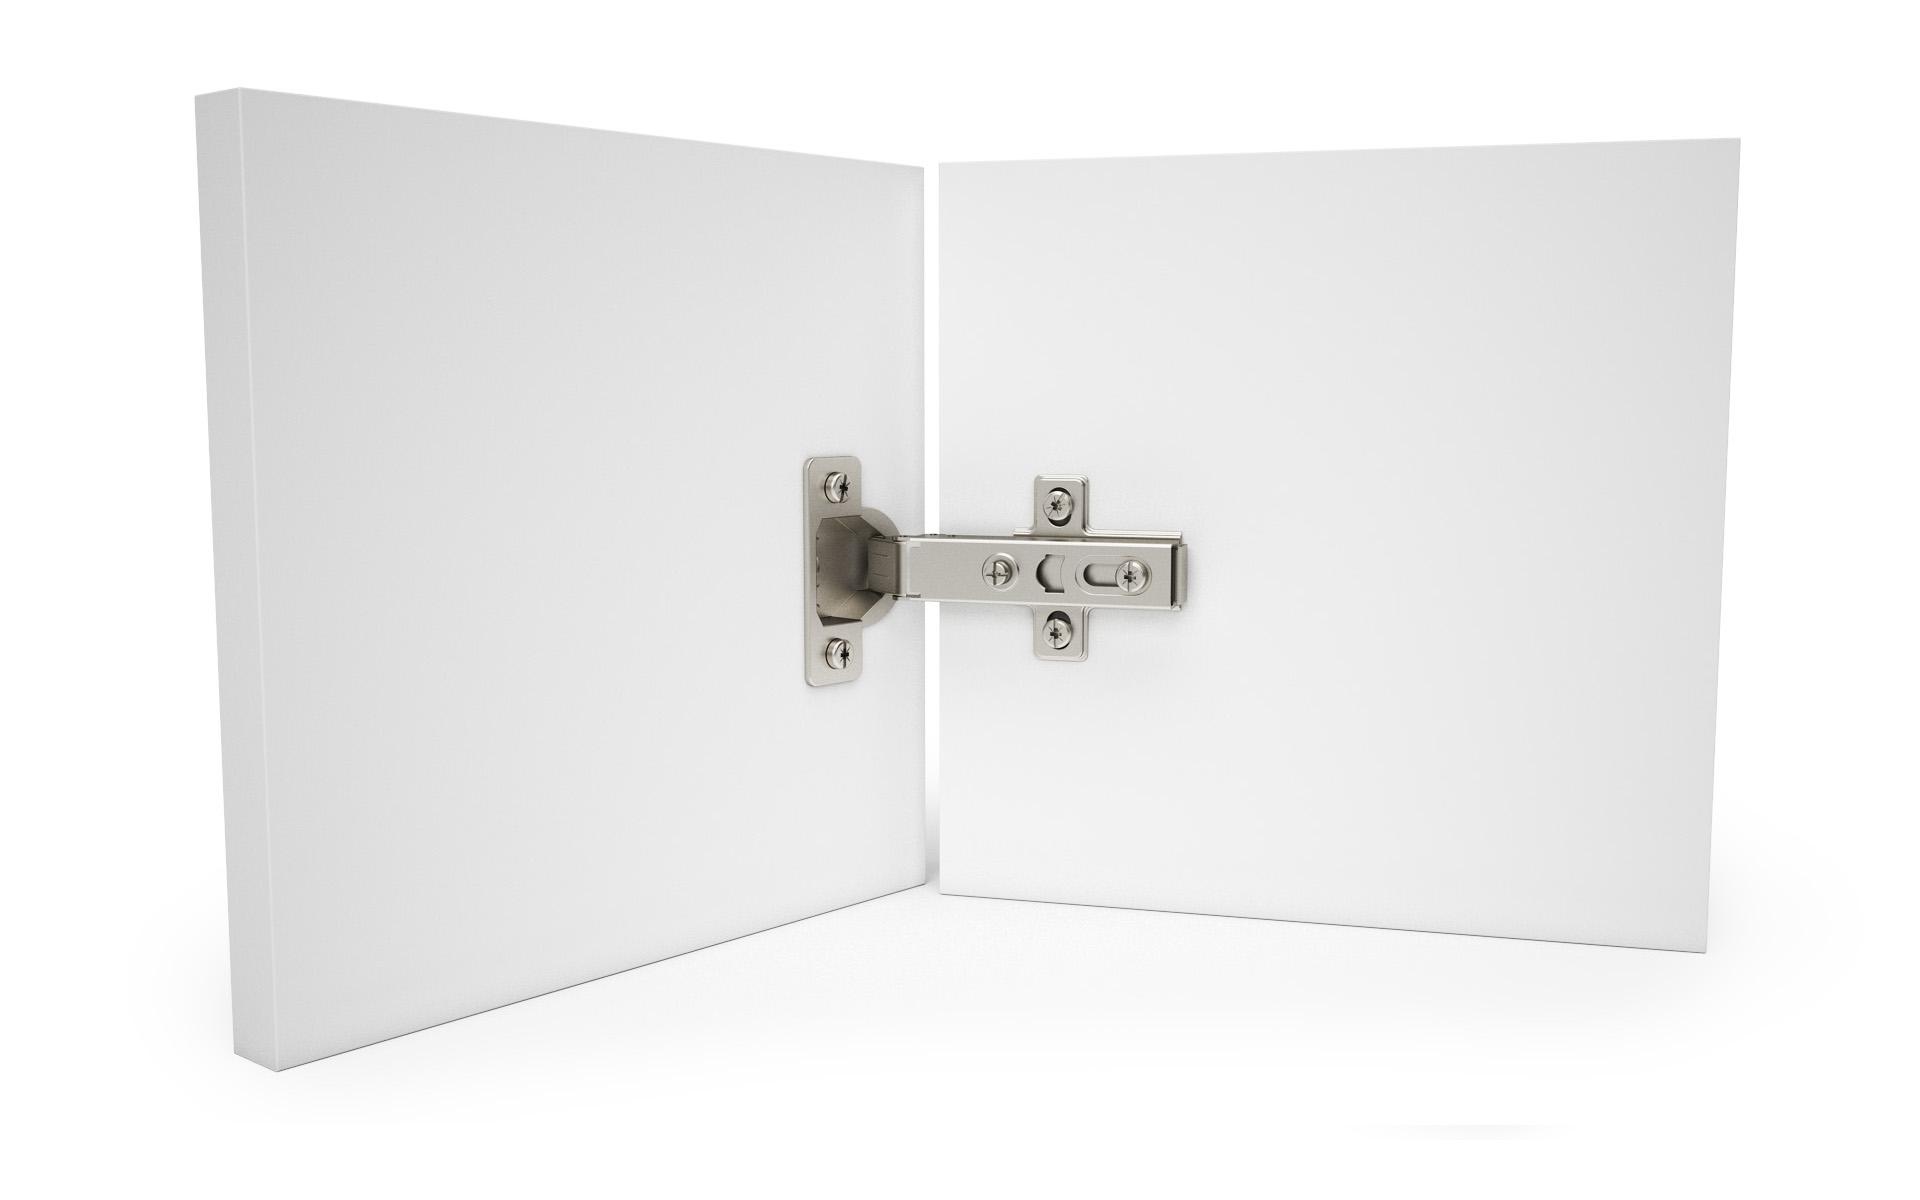 Meble łazienkowe Ethos, frezowane uchwyt, lakierowane na wysoki połysk, białe, czarne, czerwone,